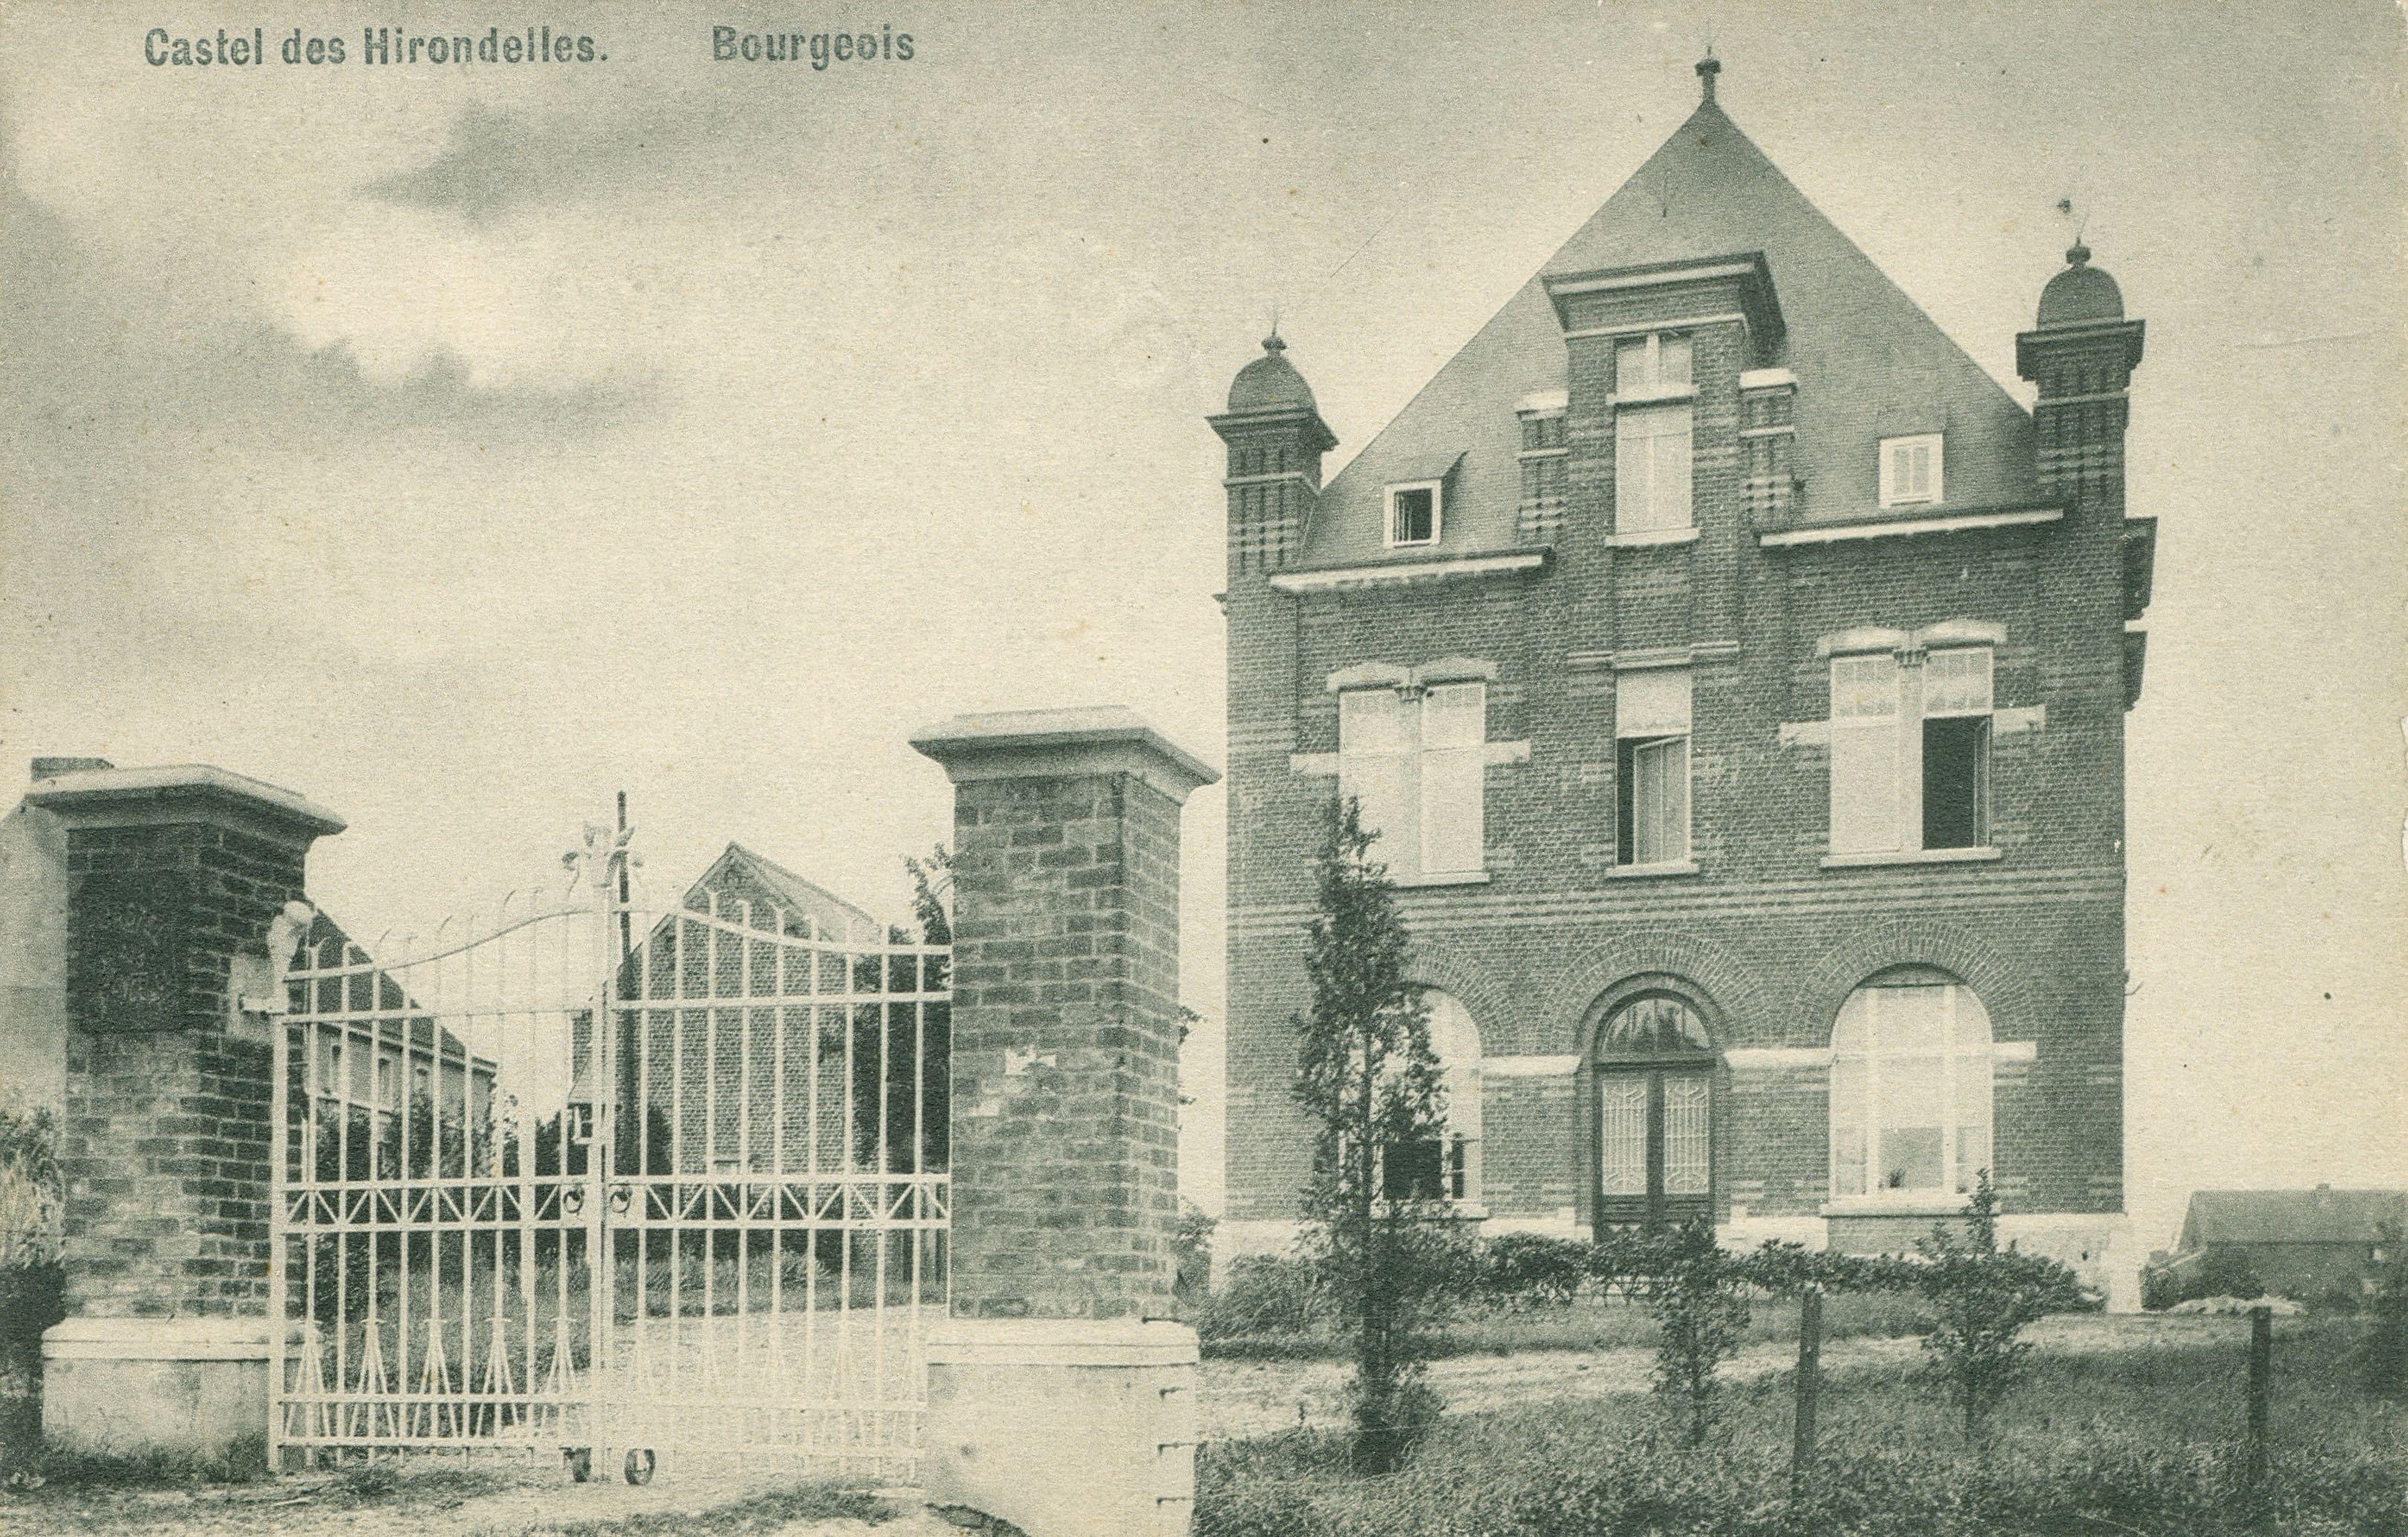 672. Castel des Hirondelles Bourgeois rue Haute Rixensart circ 1912 c JCR 0413